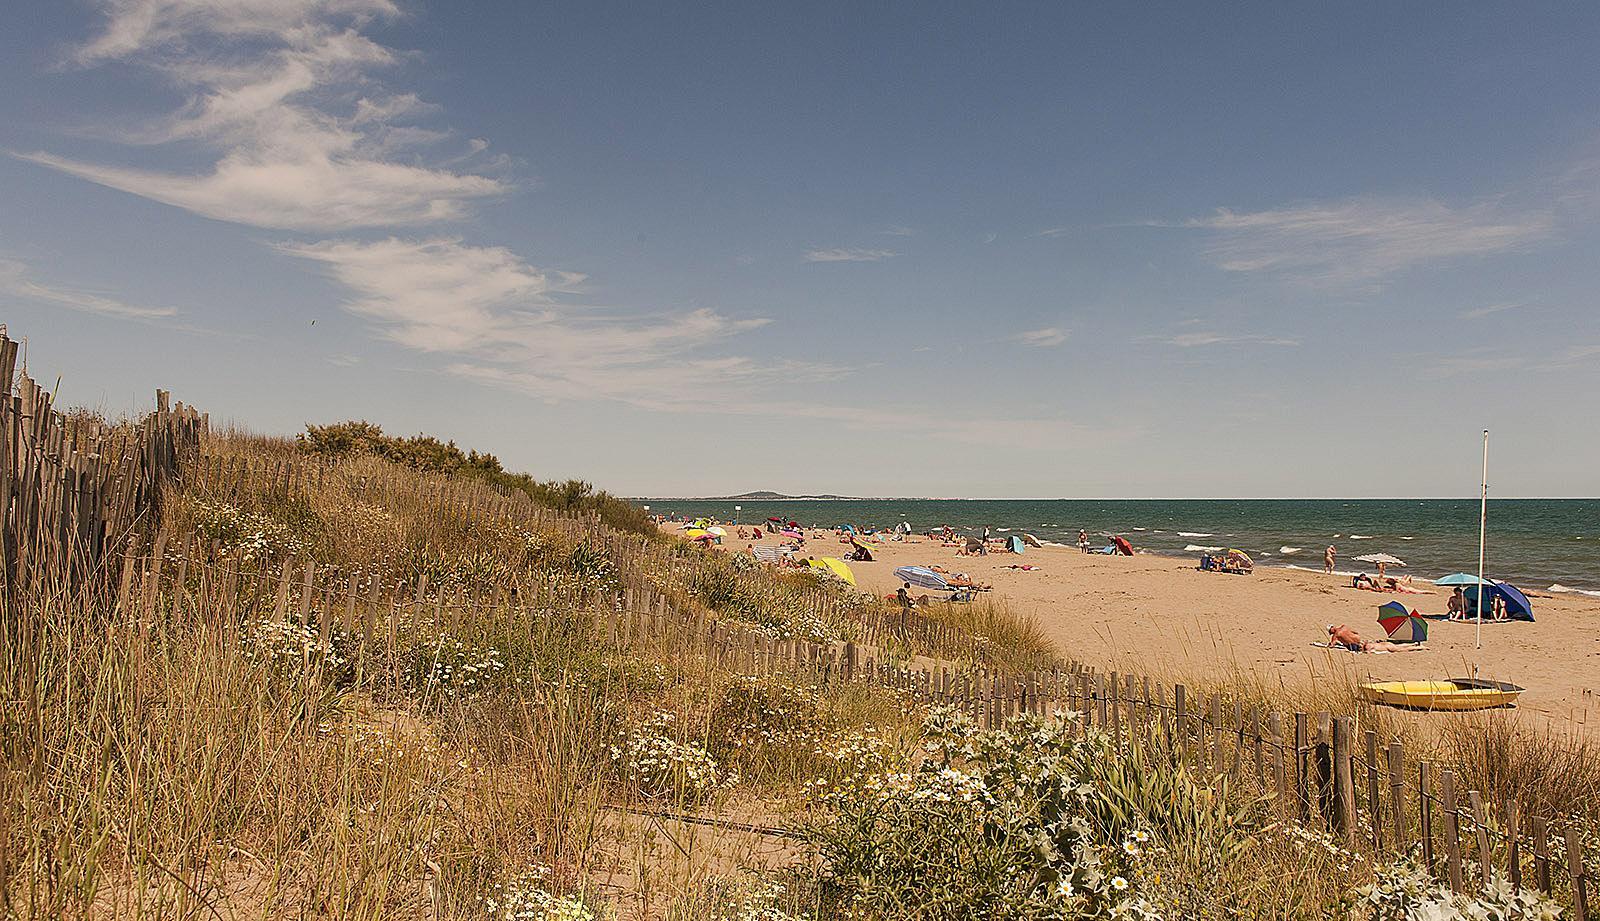 FKK in Frankreich: Der Strand von Sérignan Plage gehört zu den schönsten des Languedoc. Foto: Hilke Maunder